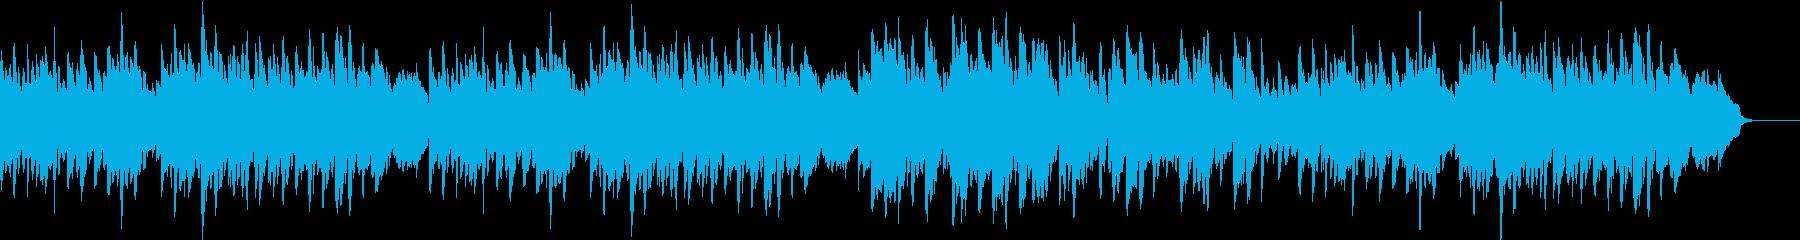 優しくシンプルなピアノソロの再生済みの波形